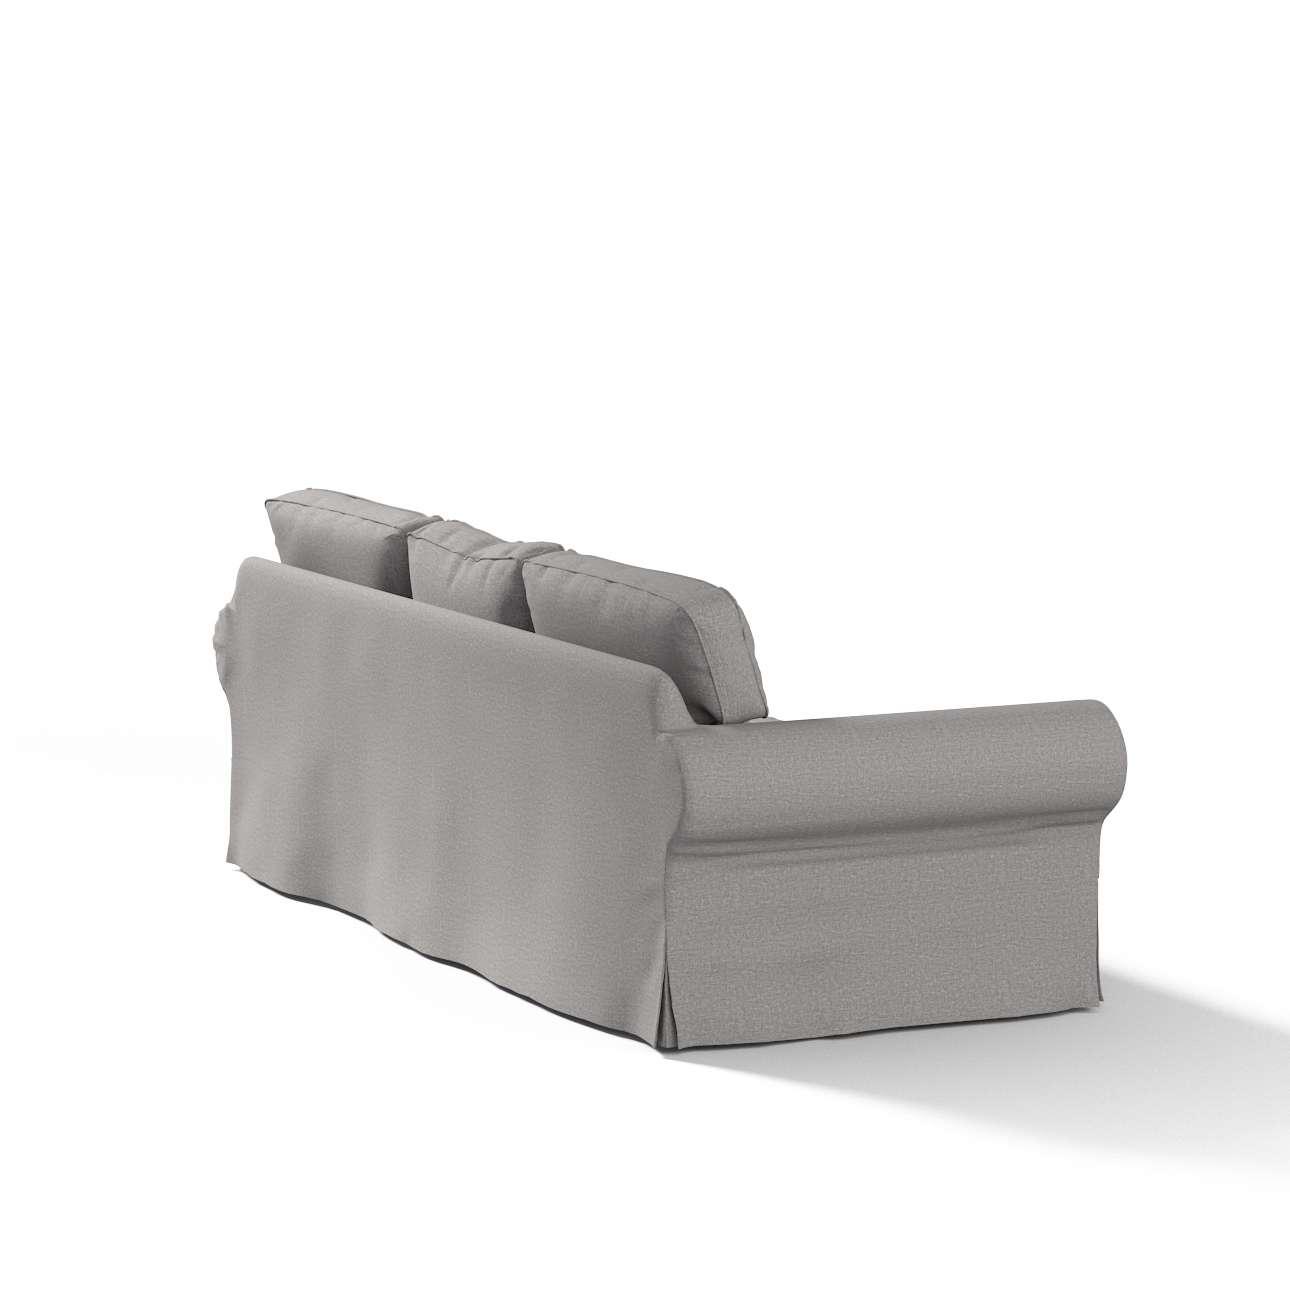 Pokrowiec na sofę Ektorp 3-osobową, rozkładaną w kolekcji Edinburgh, tkanina: 115-81